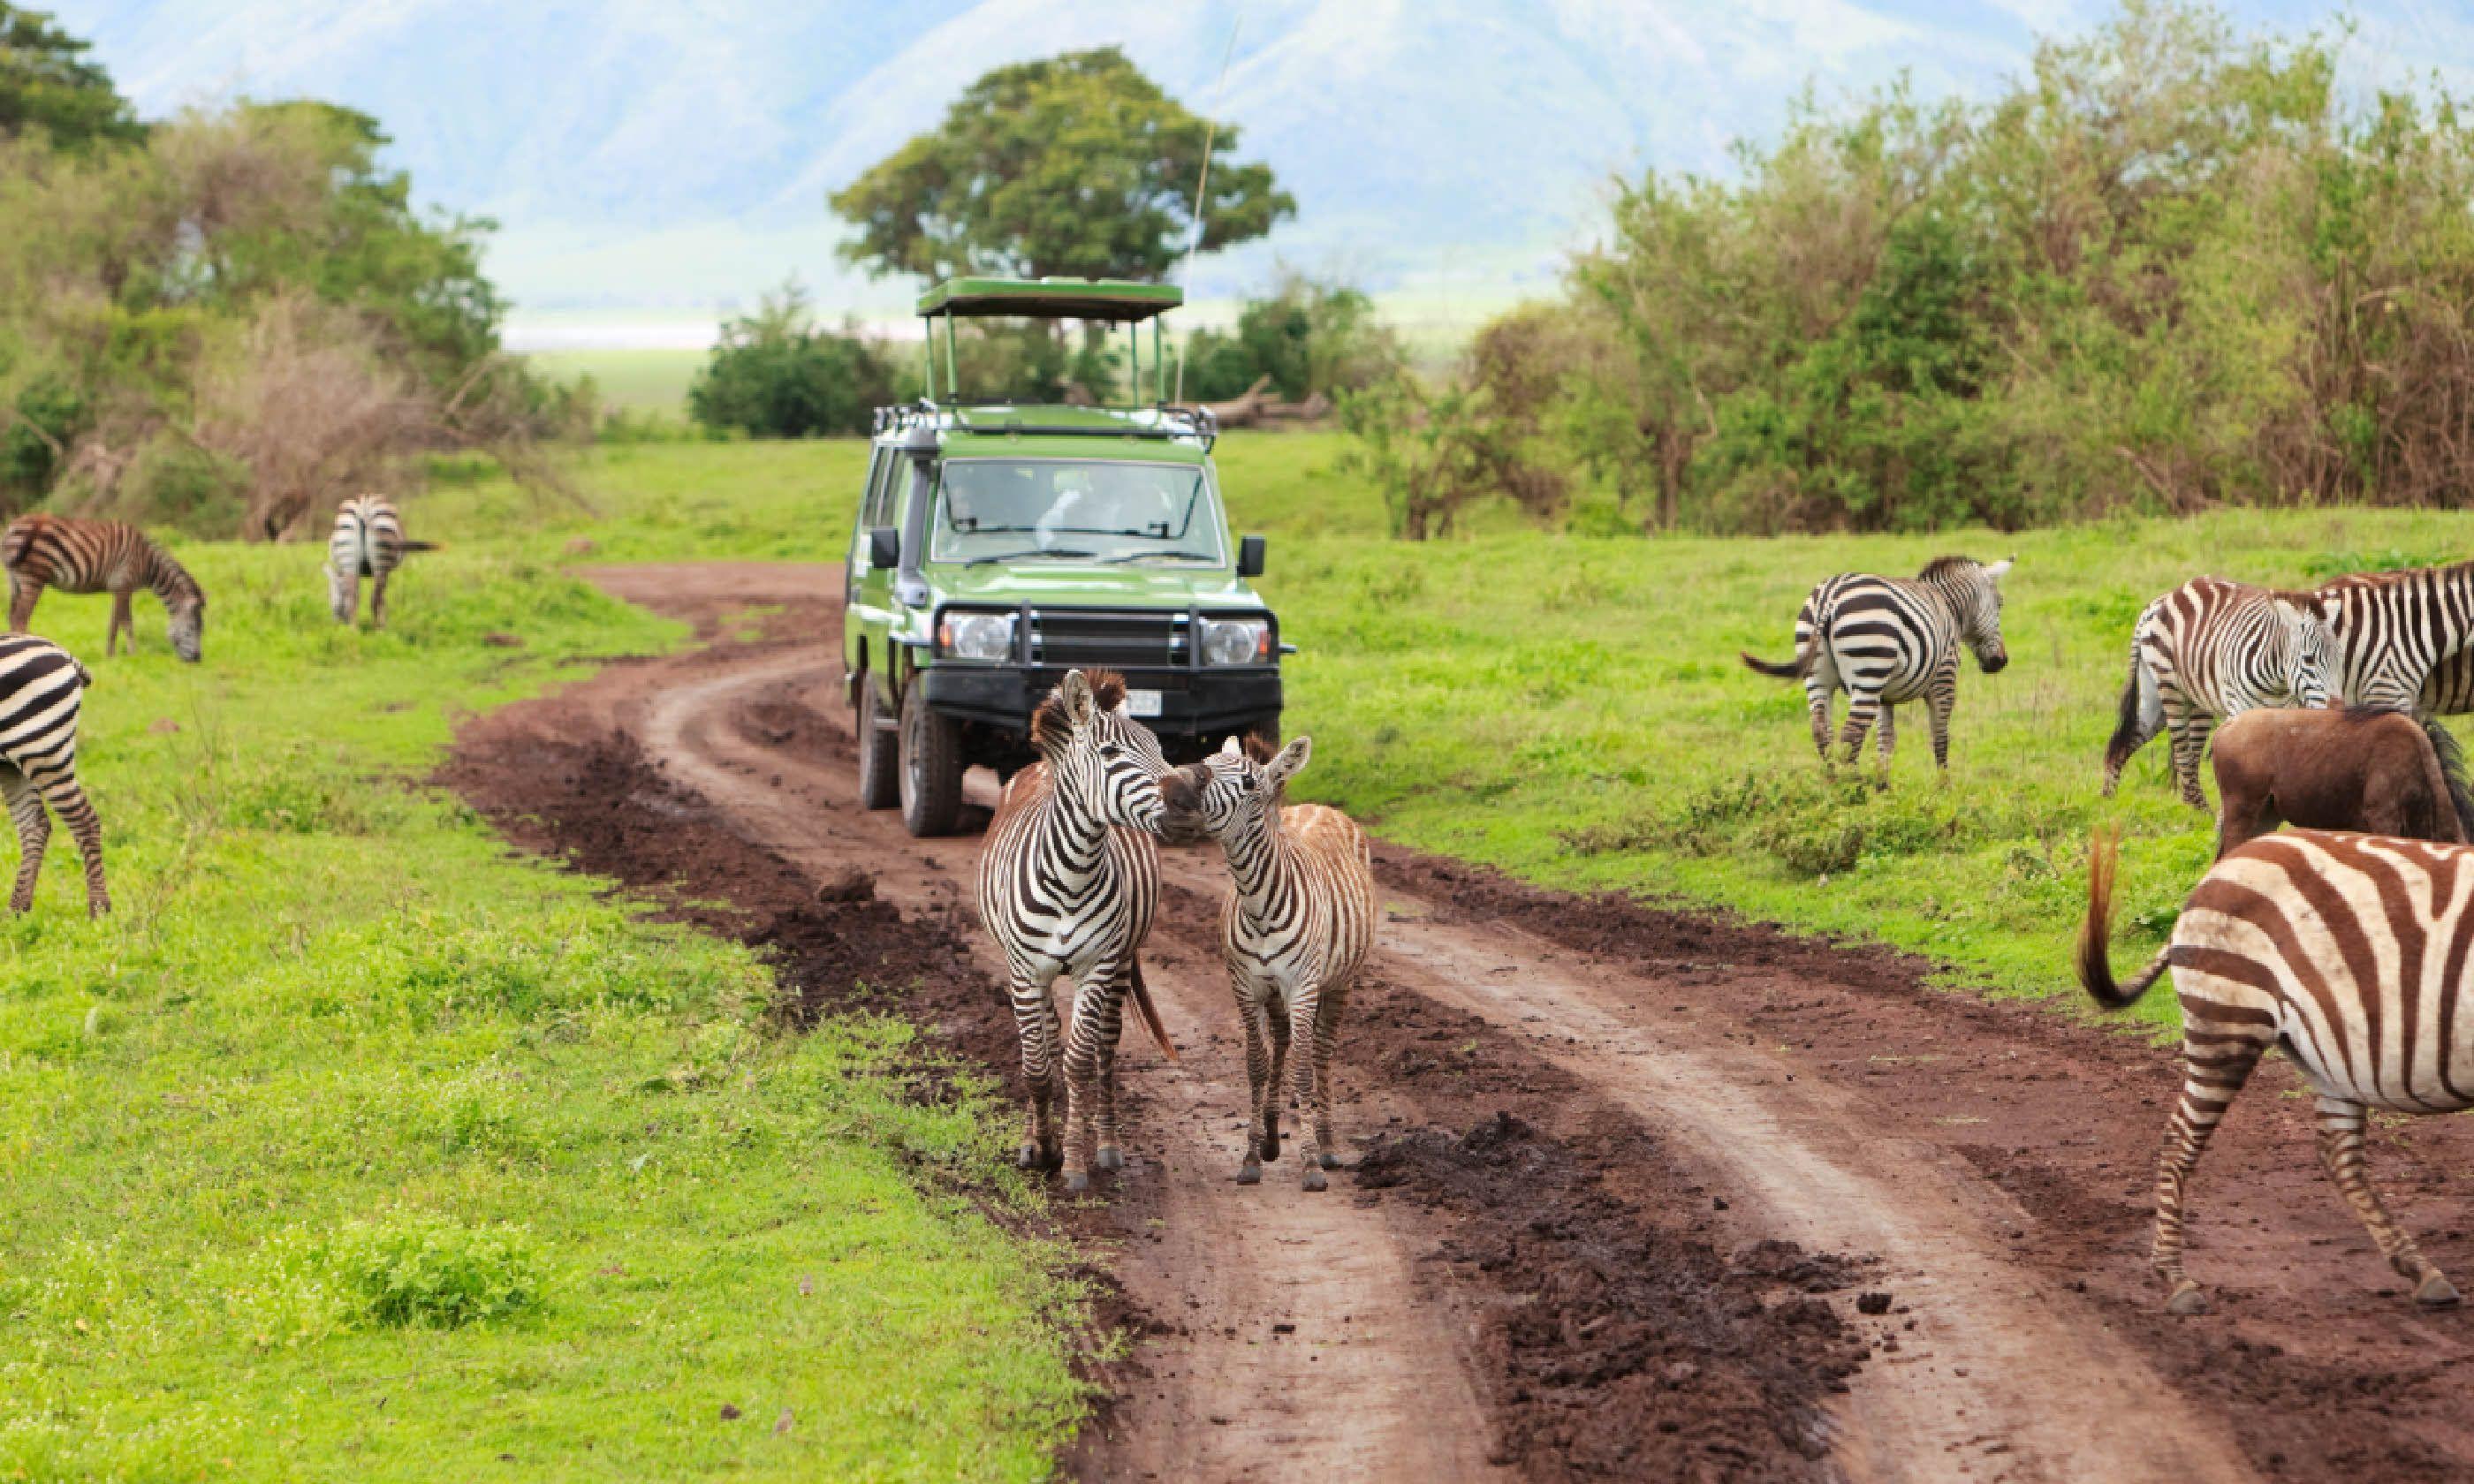 Safari in Ngorongoro Crater (Shutterstock)